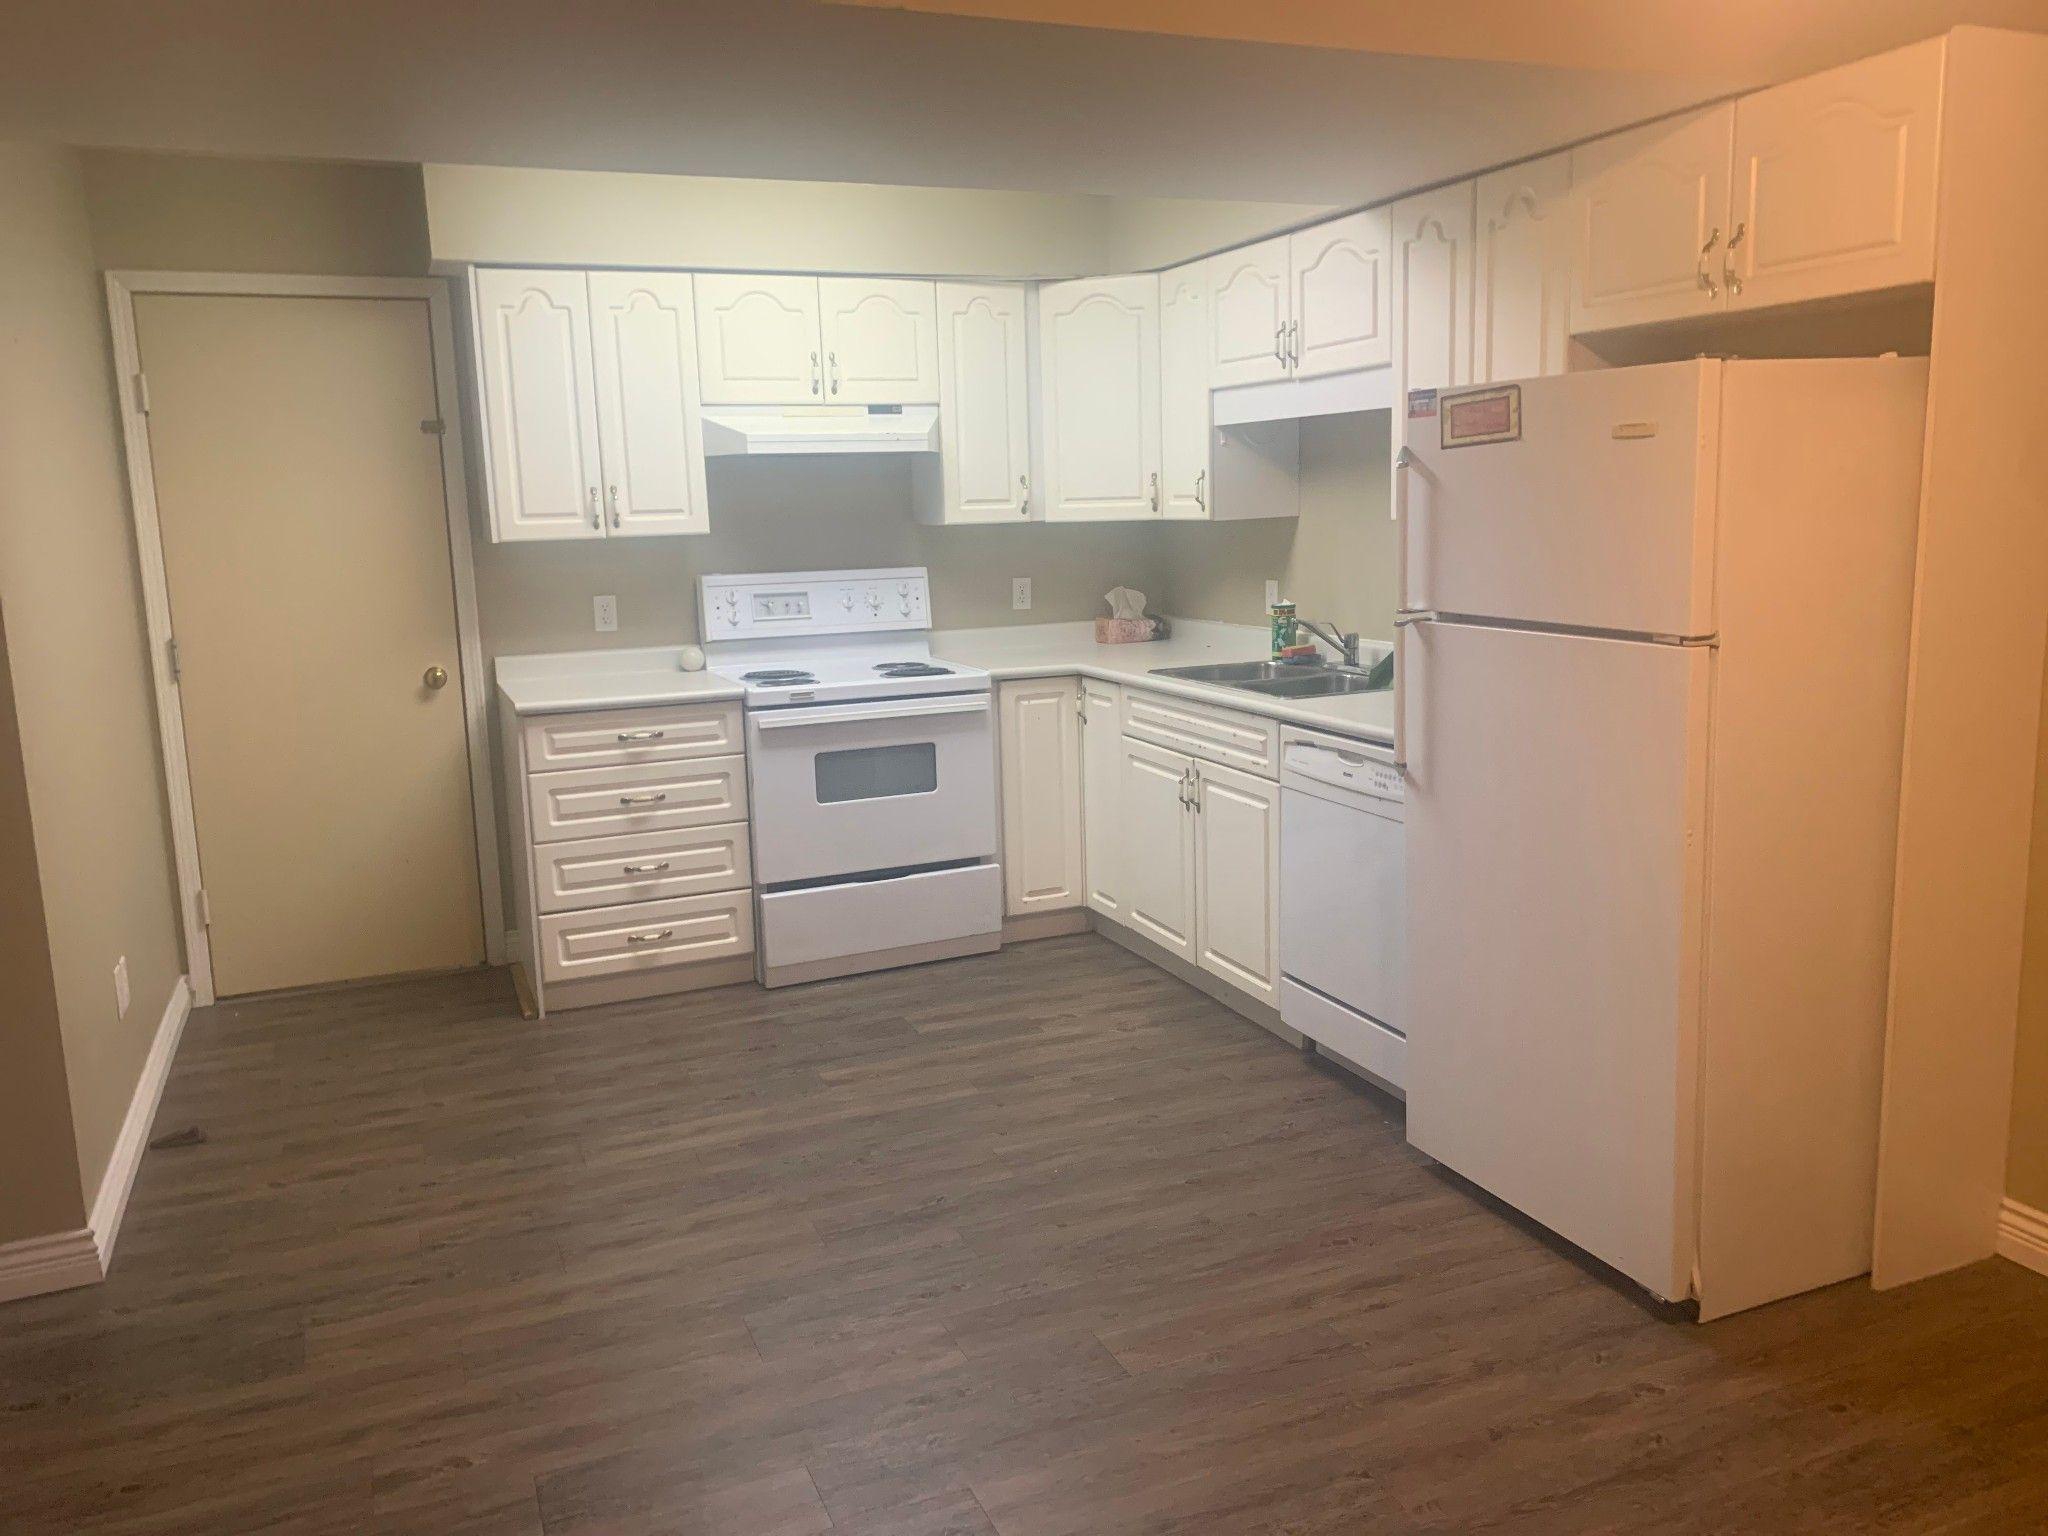 Photo 2: Photos: BSMT 1686 McKenzie Rd. in Abbotsford: Poplar Condo for rent